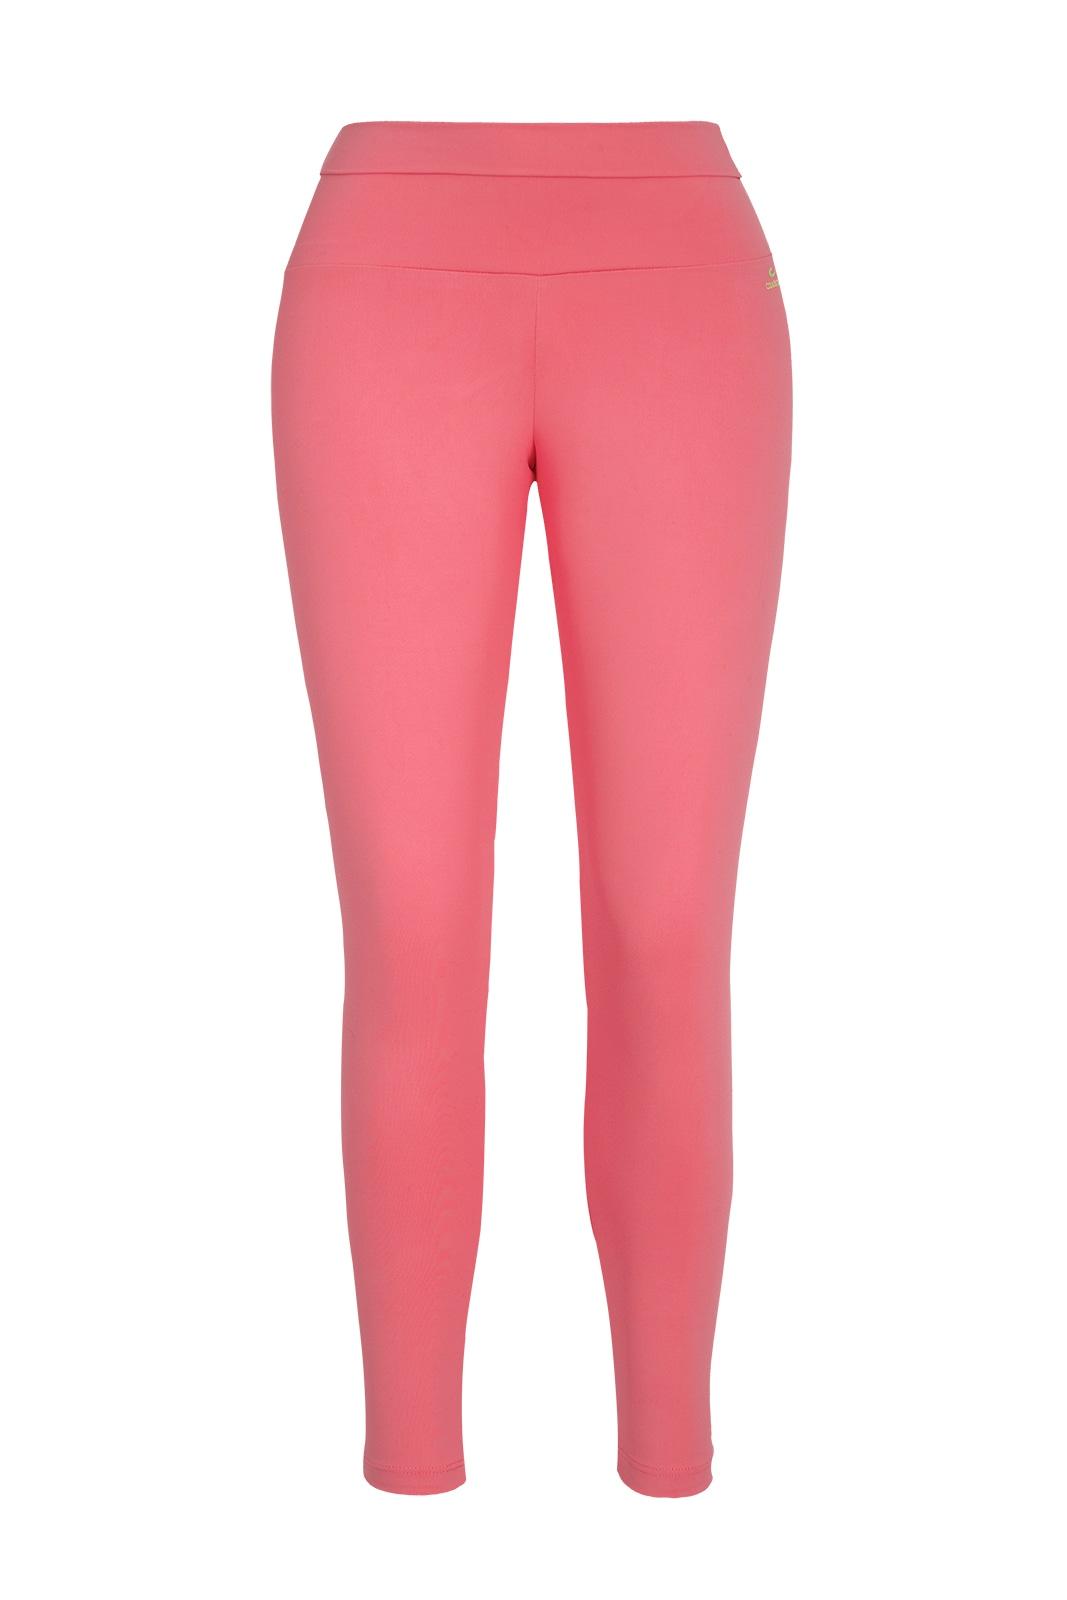 Pink High Waisted Workout Leggings Legging High Waist